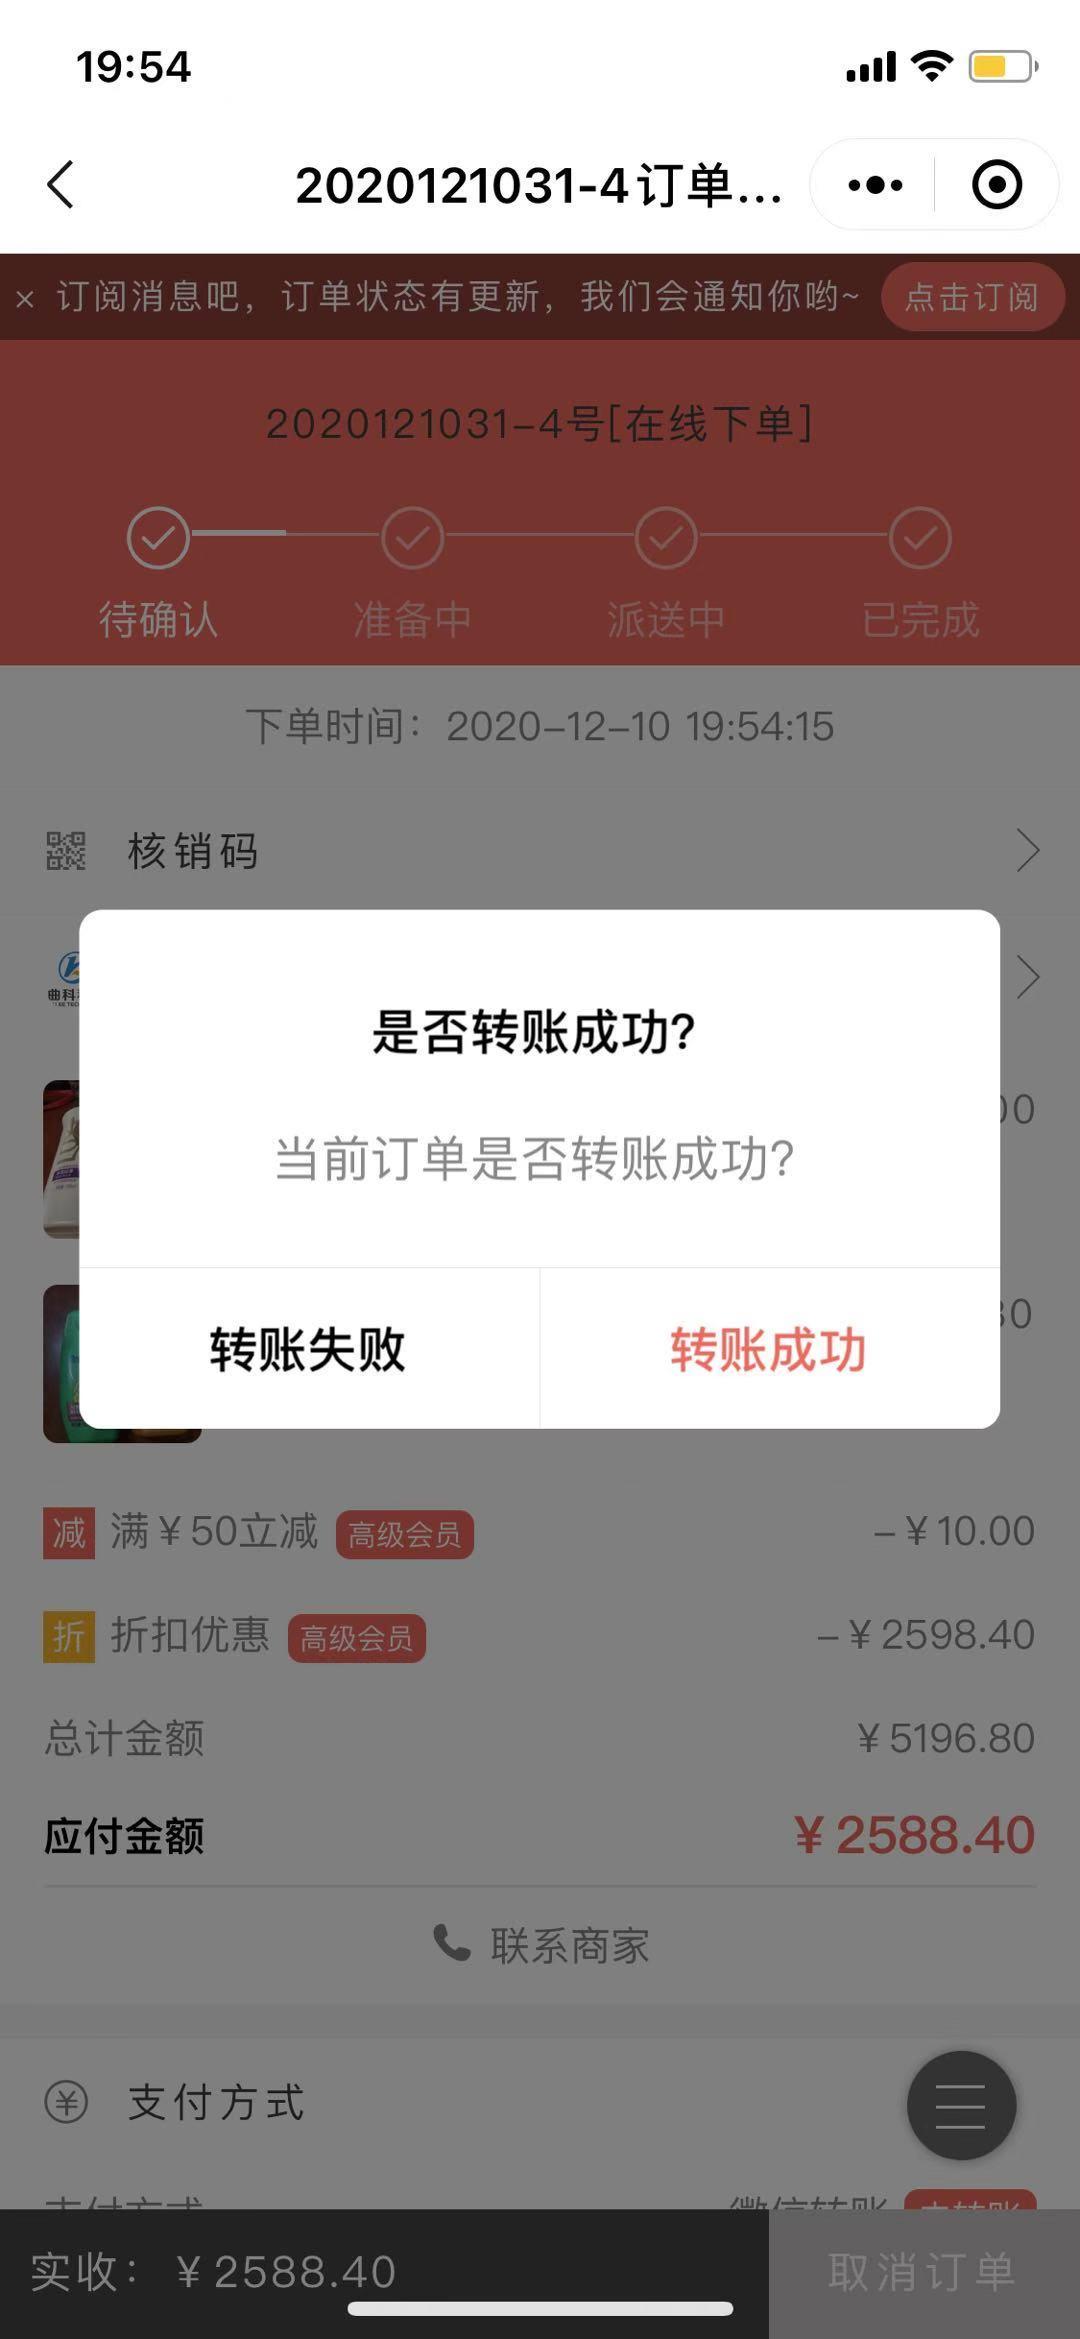 确认用户是否完成了微信转账